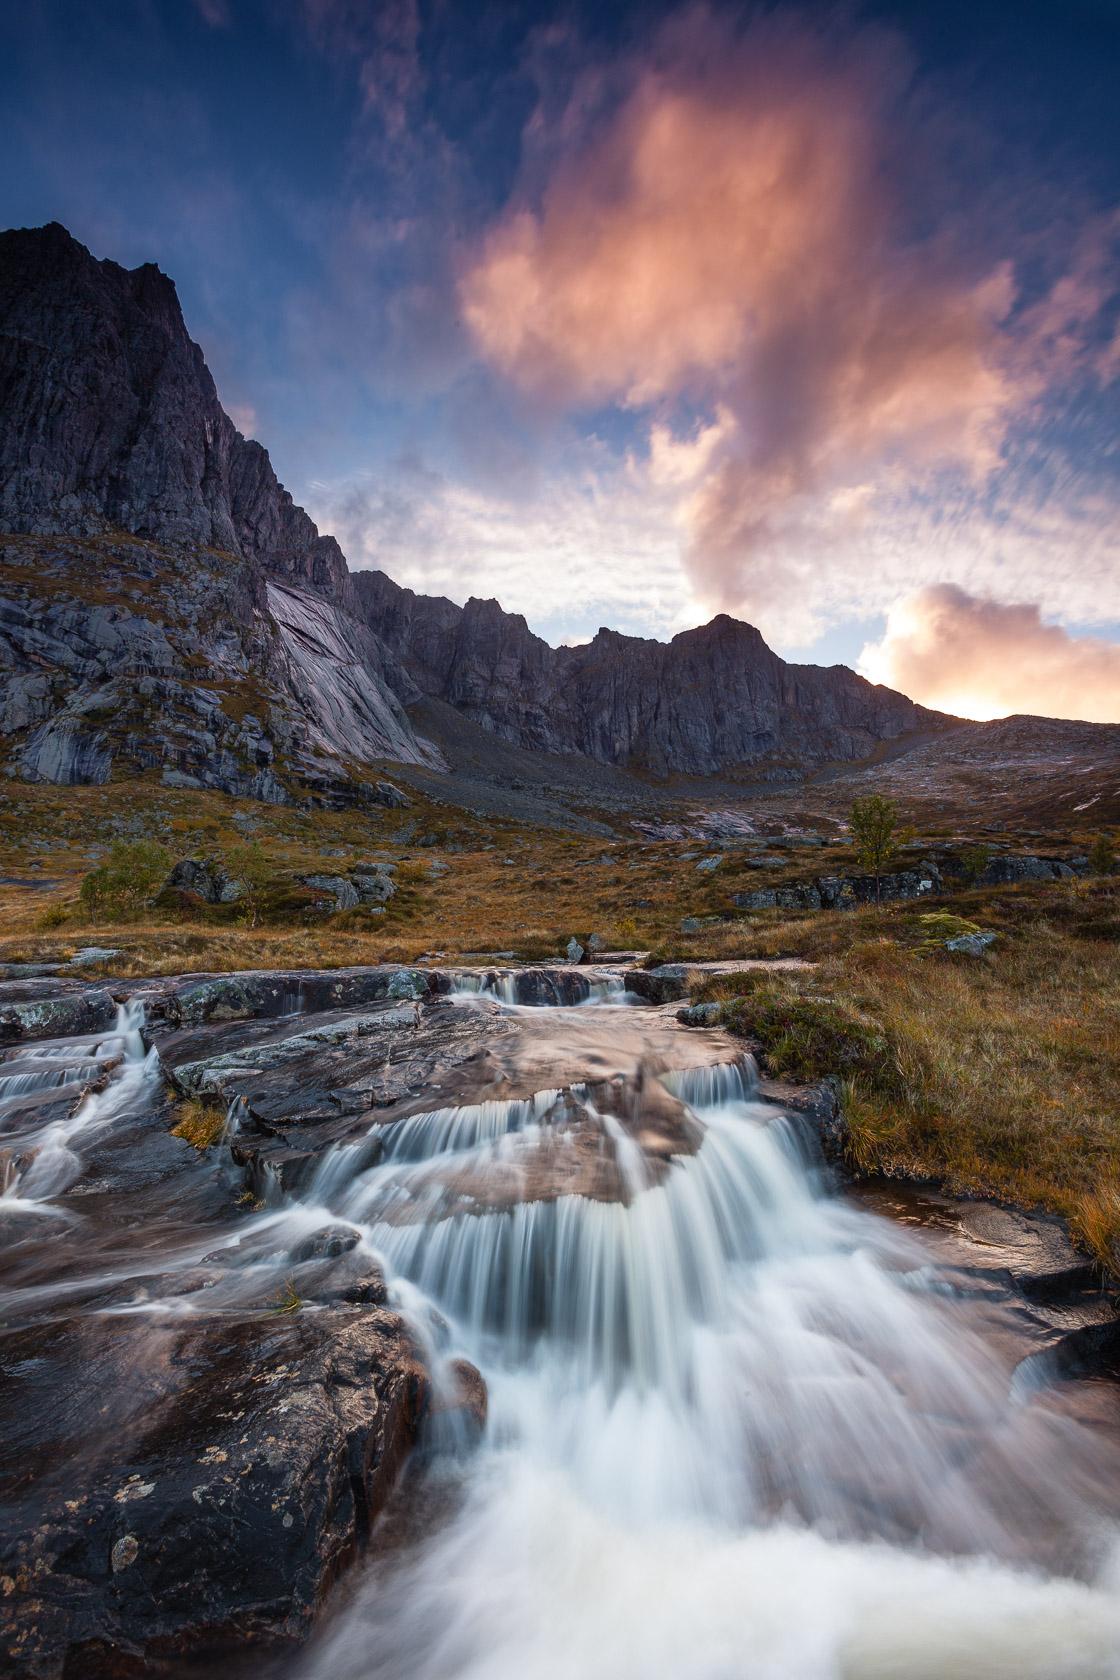 cascade sous le Stortinden, dans l'île de Flakstadøya, durant un voyage photo dans les Lofoten